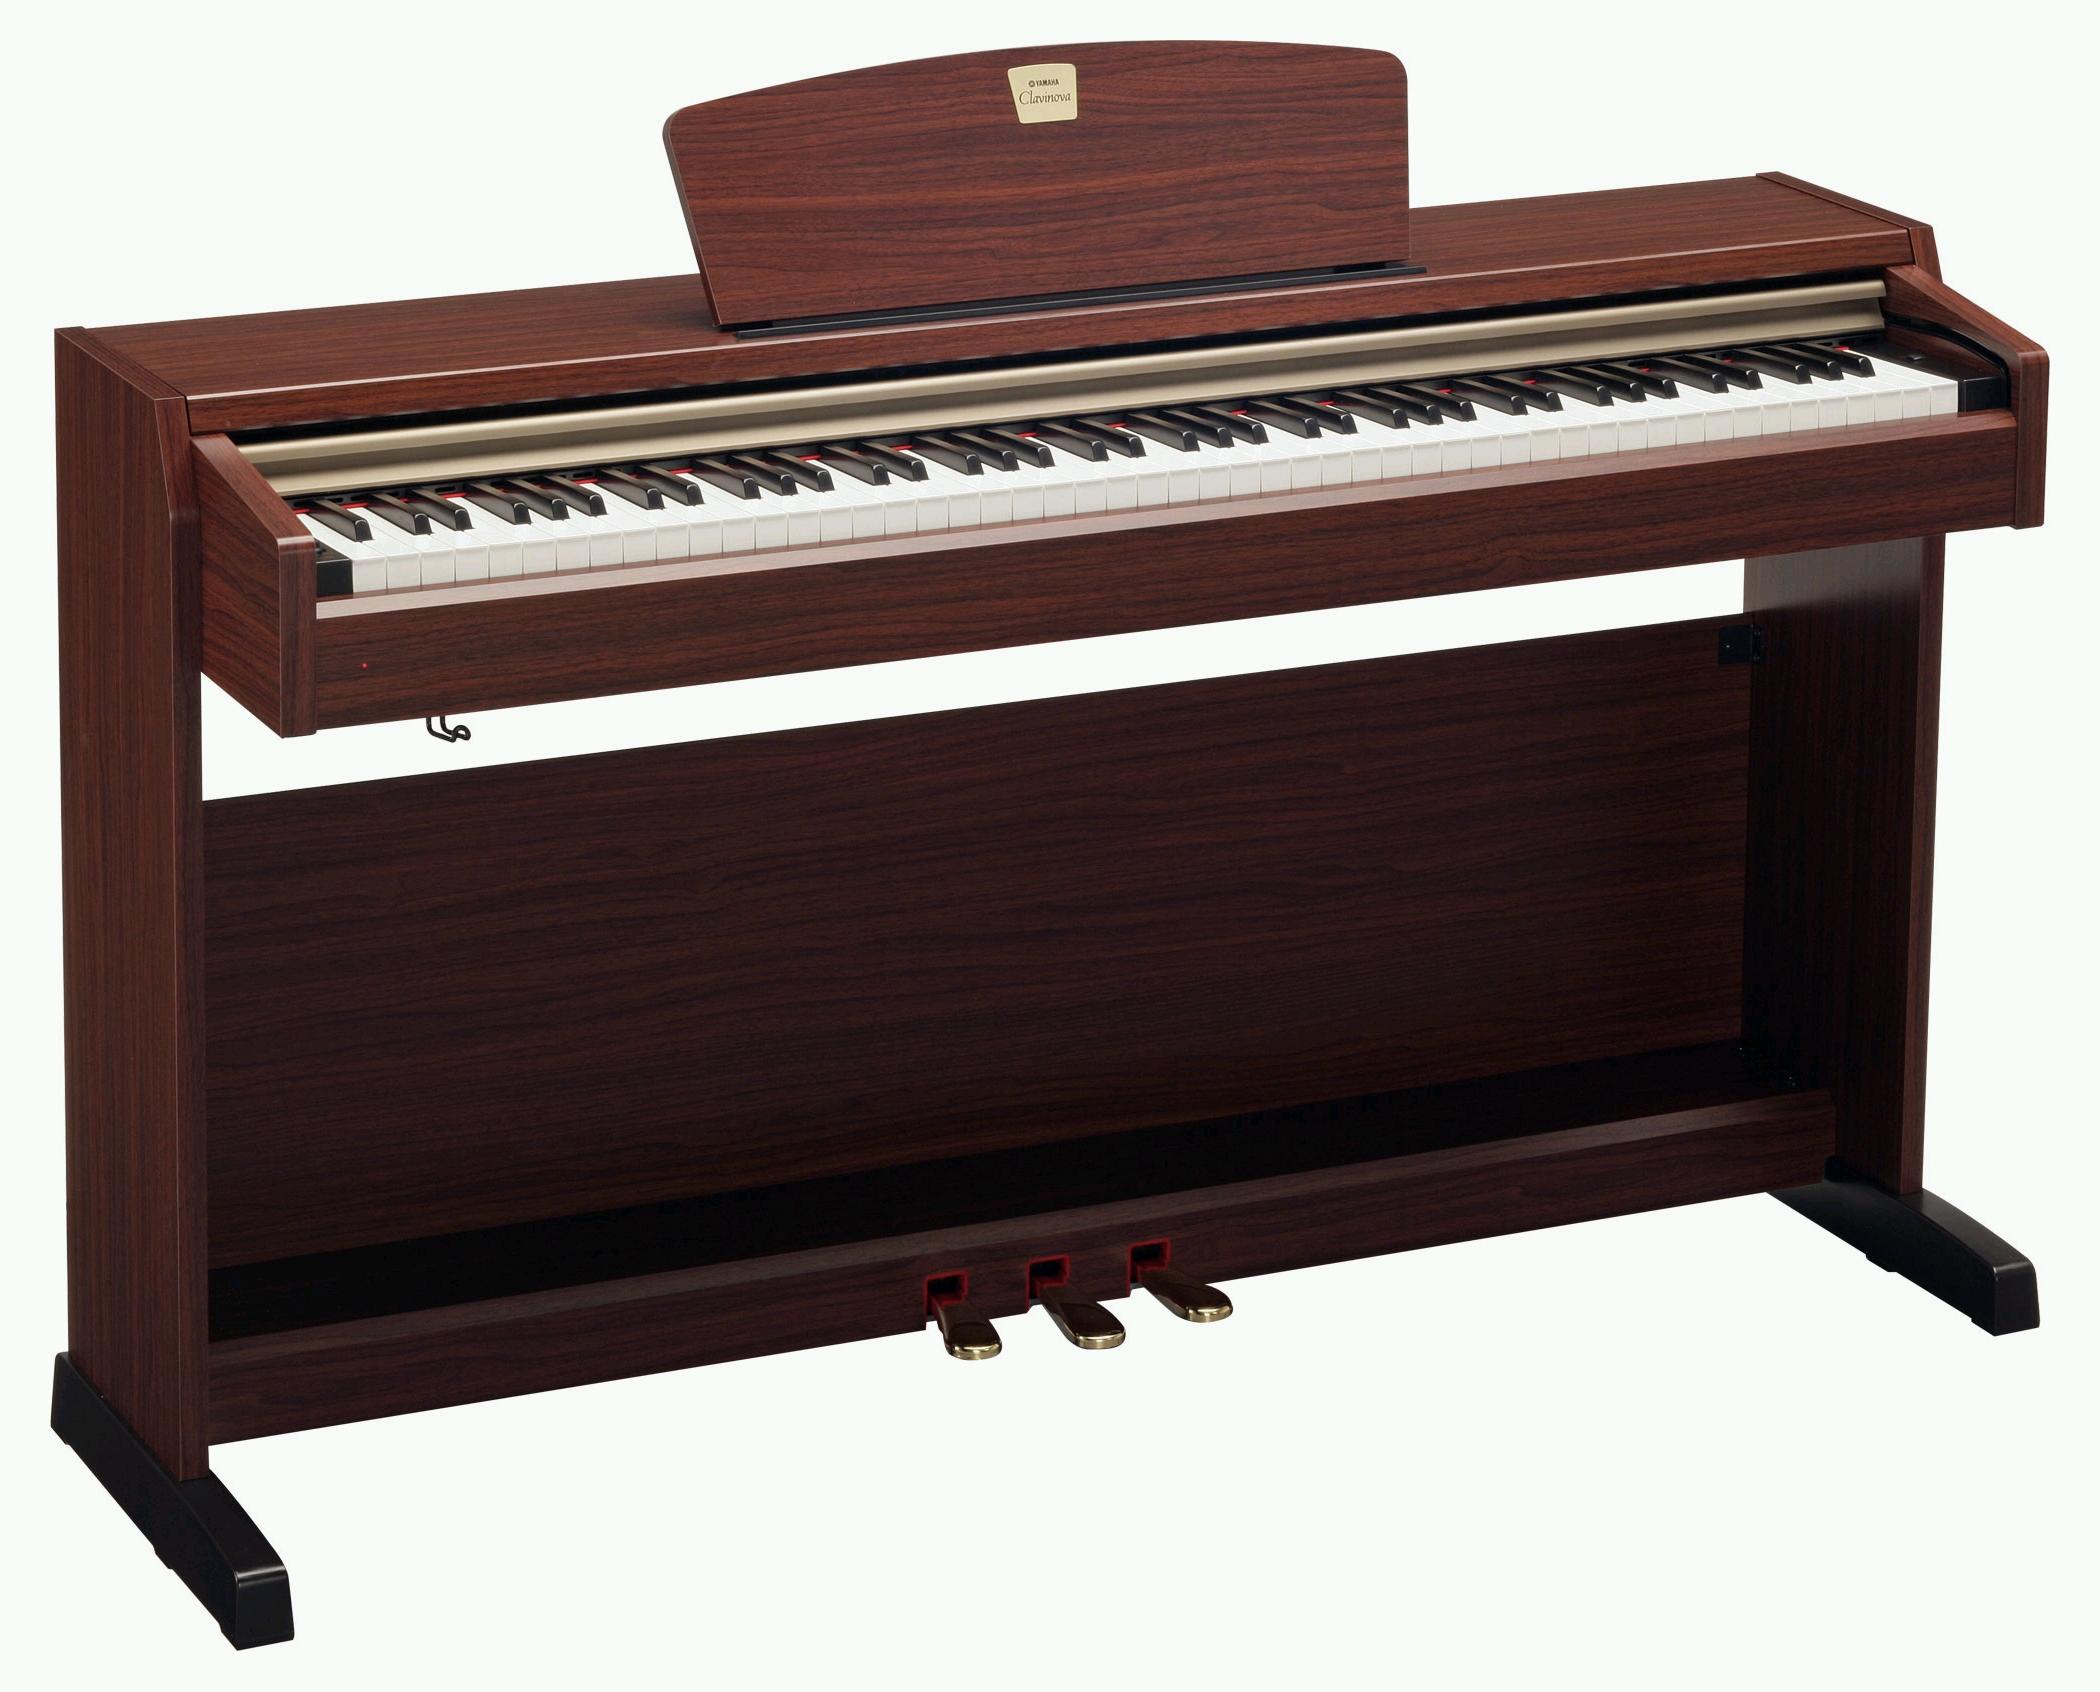 数码钢琴/风琴/电鼓媒体价格$11134.00元产品状态暂无购买信